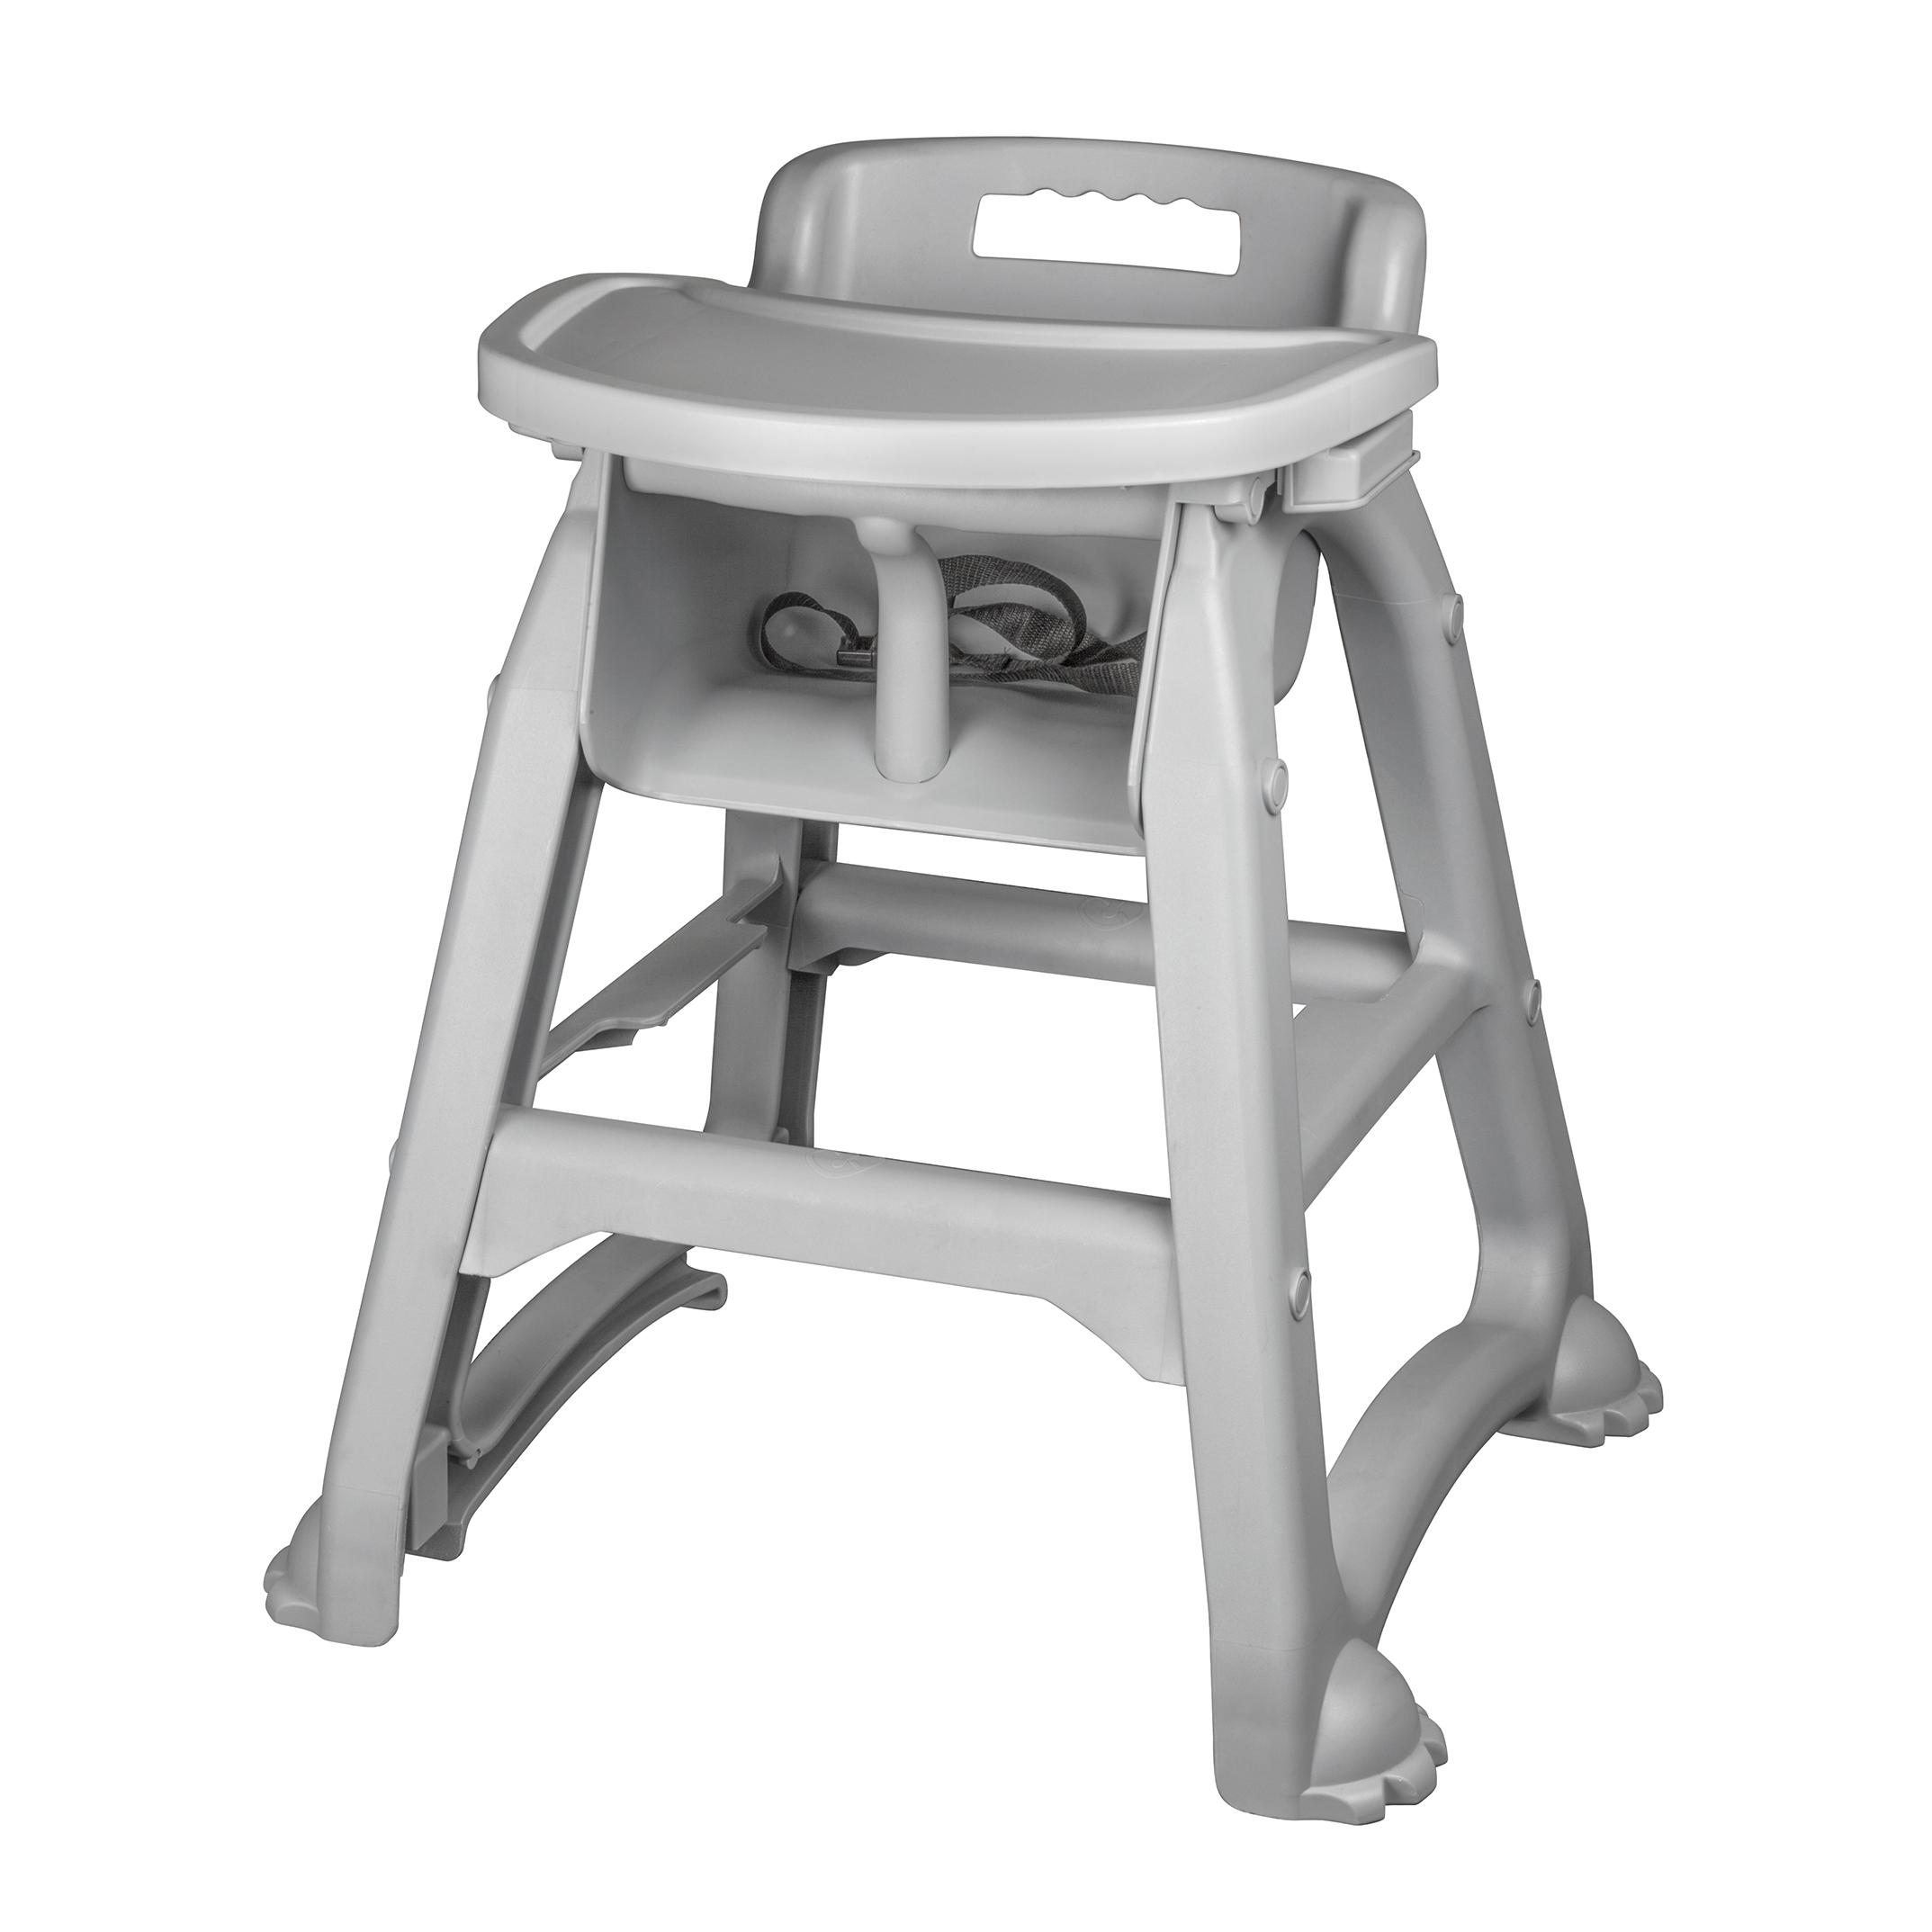 Winco CHH-25 high chair, plastic